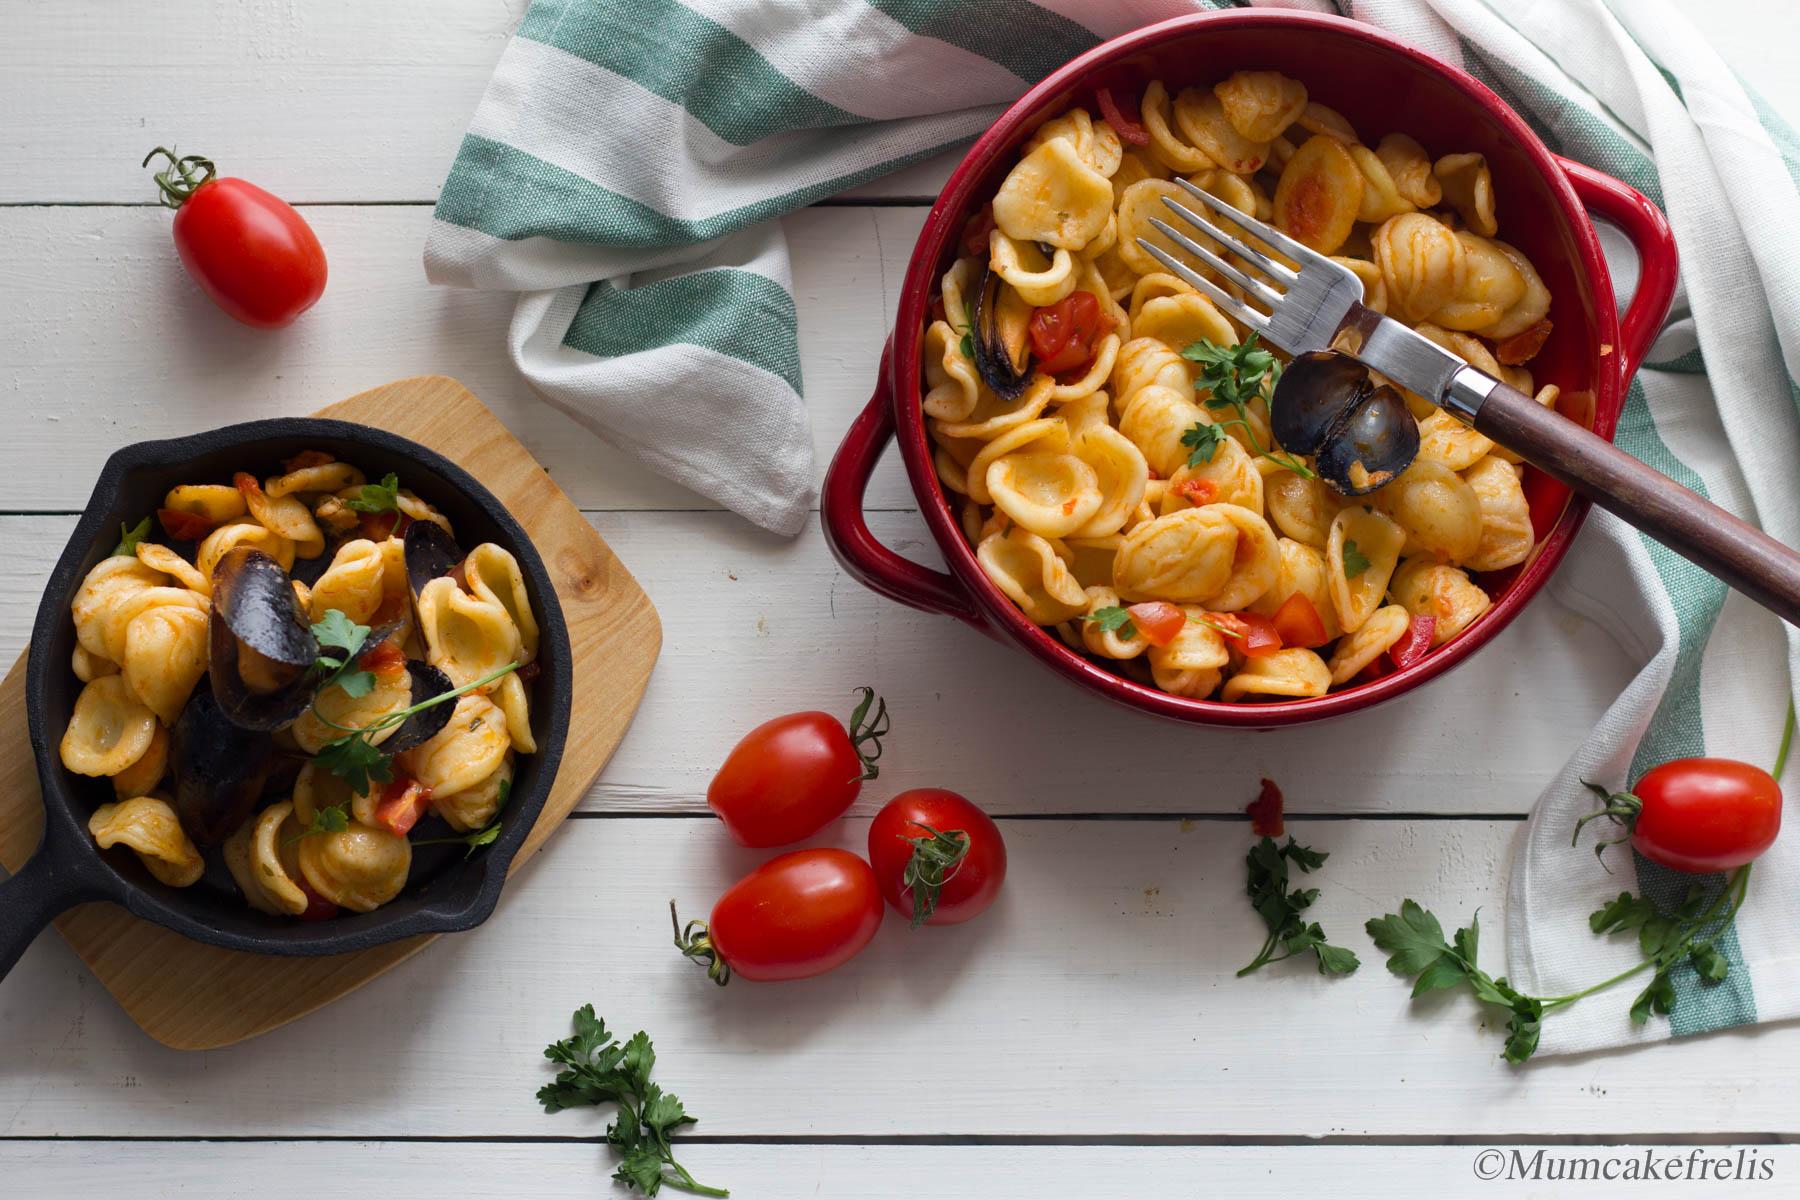 pasta con cozze nere pasta con cozze al naturale pasta o riso con cozze pasta con cozze preparazione spaghetti con cozze pomodorini spaghetti con cozze pomodoro